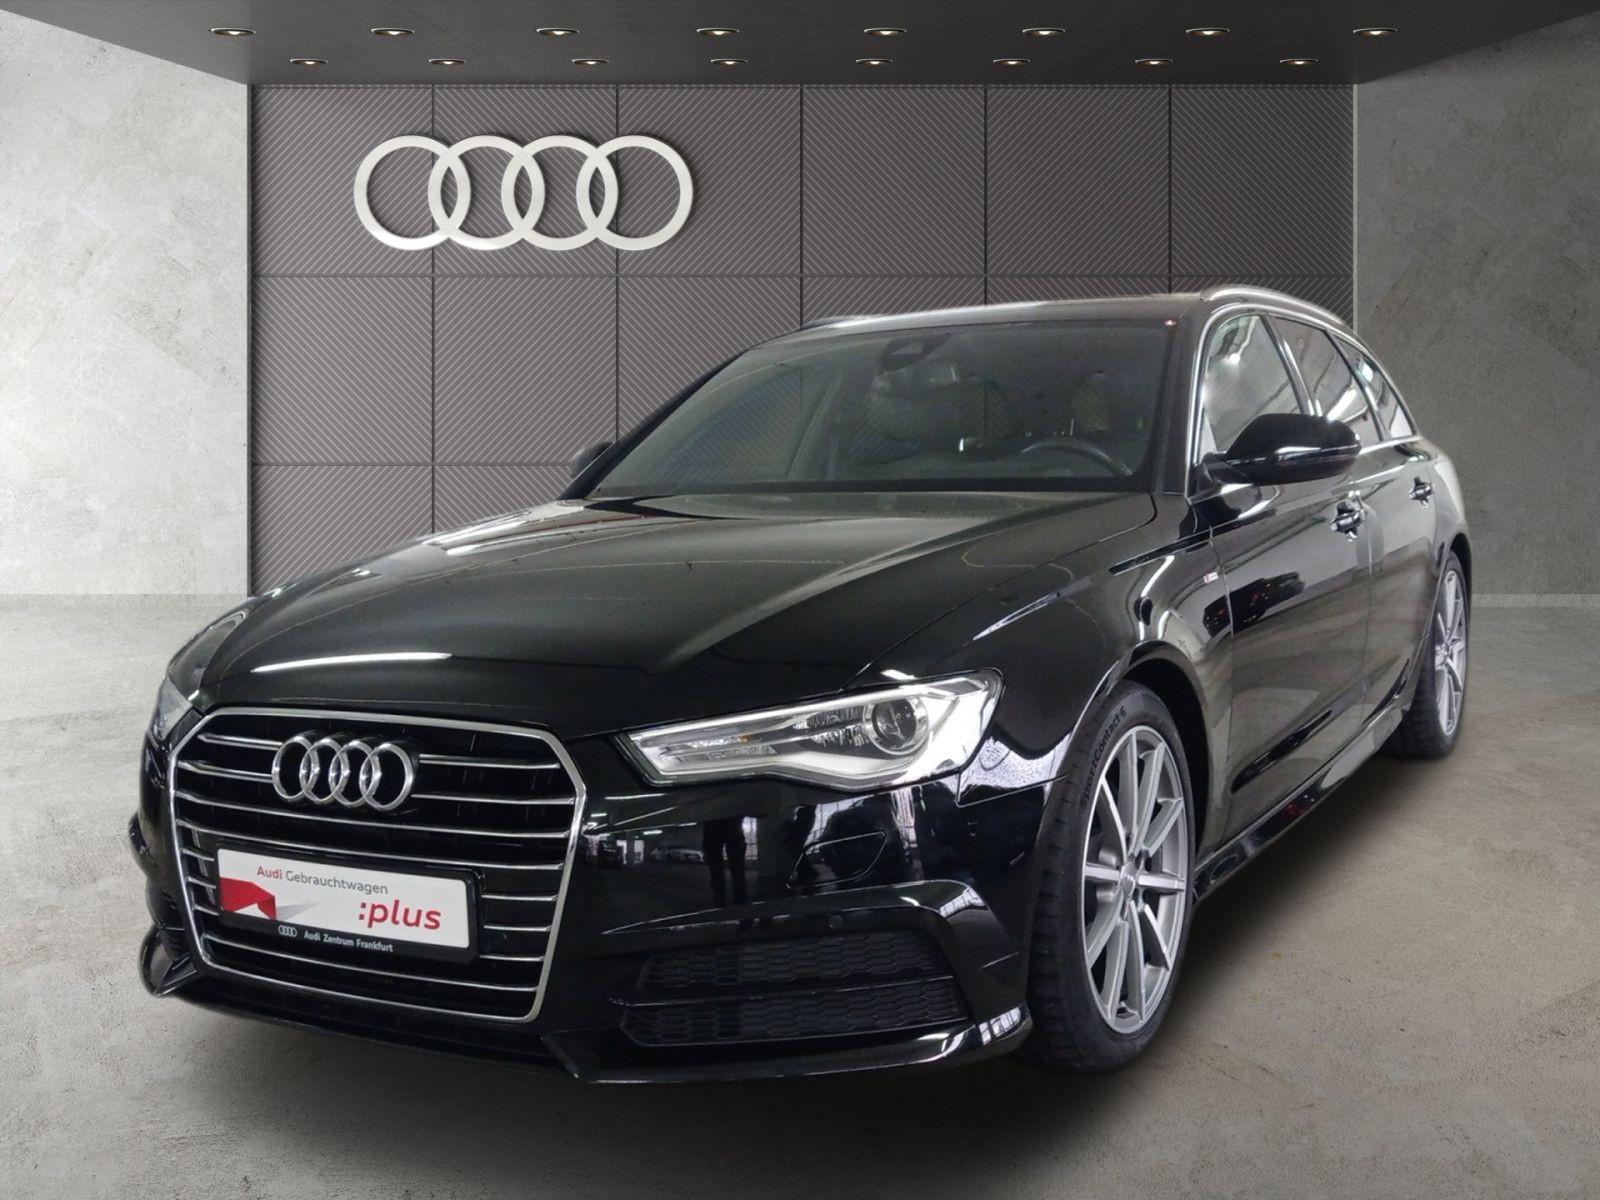 Audi A6 Avant 2.0 TDI ultra S tronic S line Navi Xenon HuD DAB, Jahr 2018, Diesel